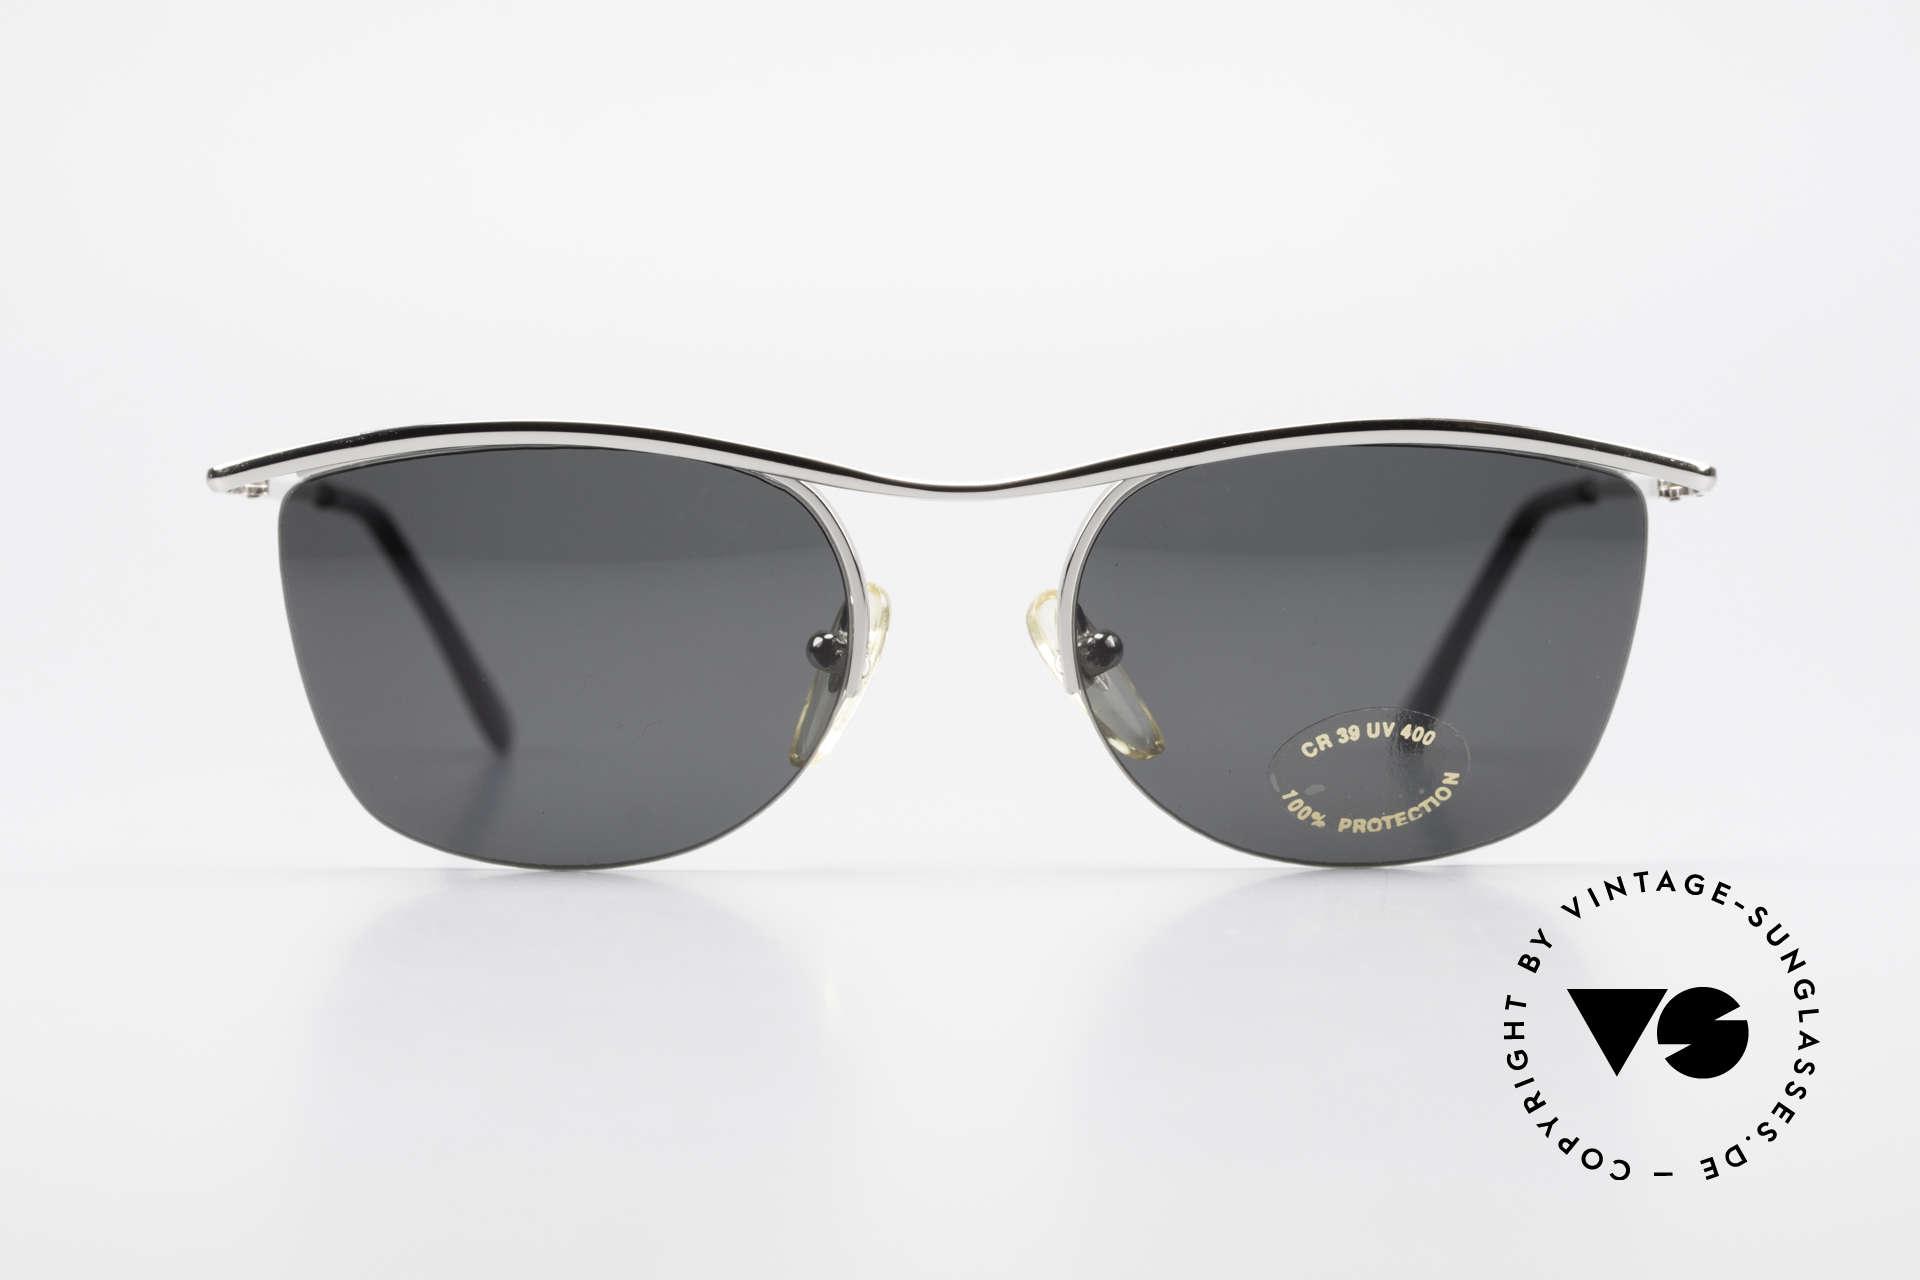 Cutler And Gross 0422 Halb Randlose Sonnenbrille, klassisch, zeitlose Understatement Luxus-Sonnenbrille, Passend für Herren und Damen